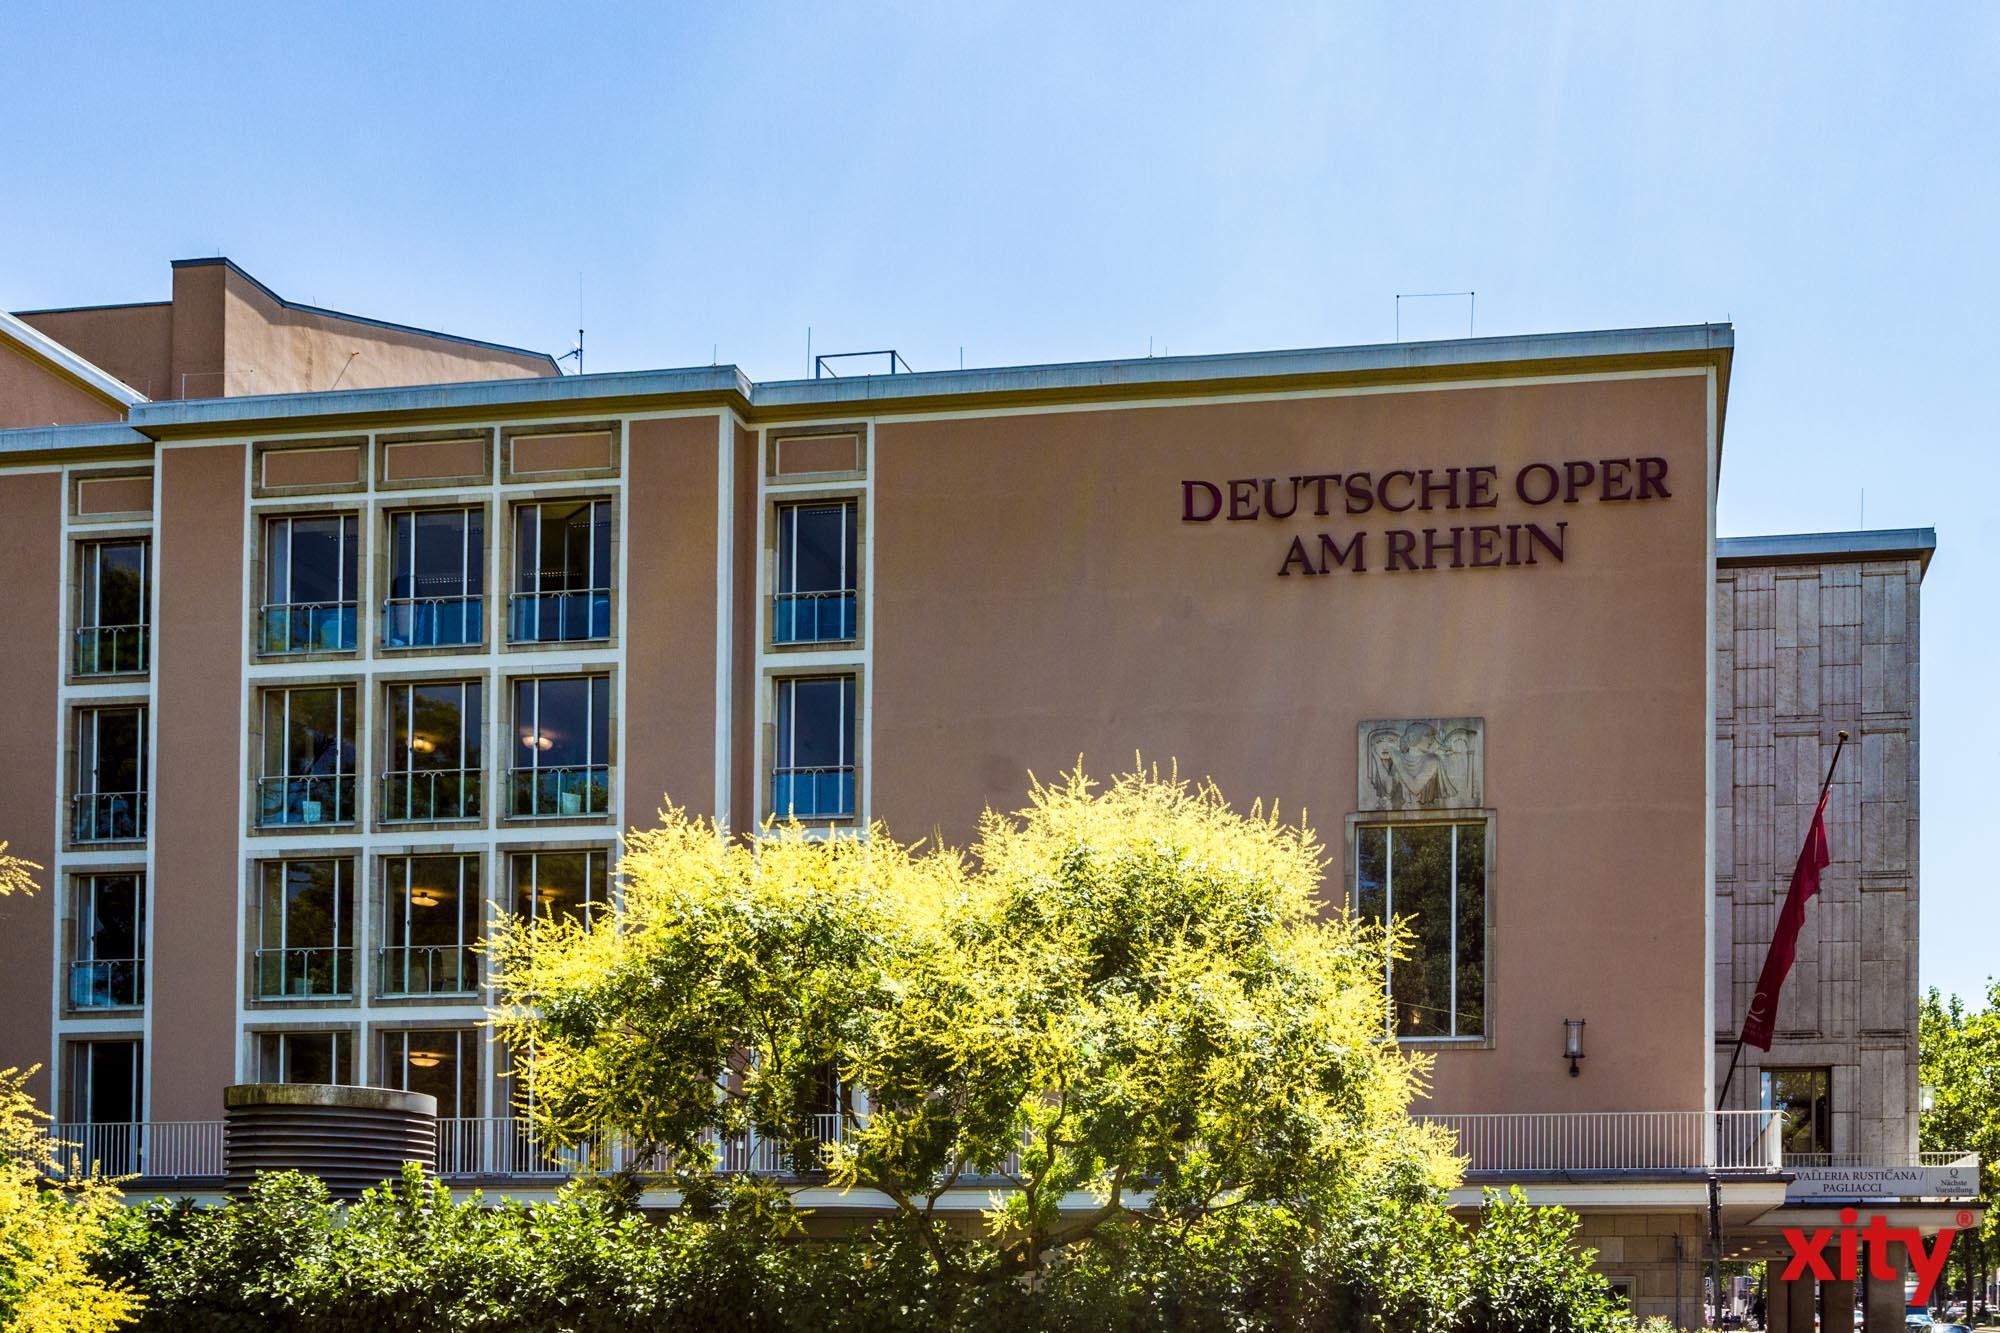 Deutsche Oper am Rhein plant Programm für Dezember 2020 (Foto: xity)